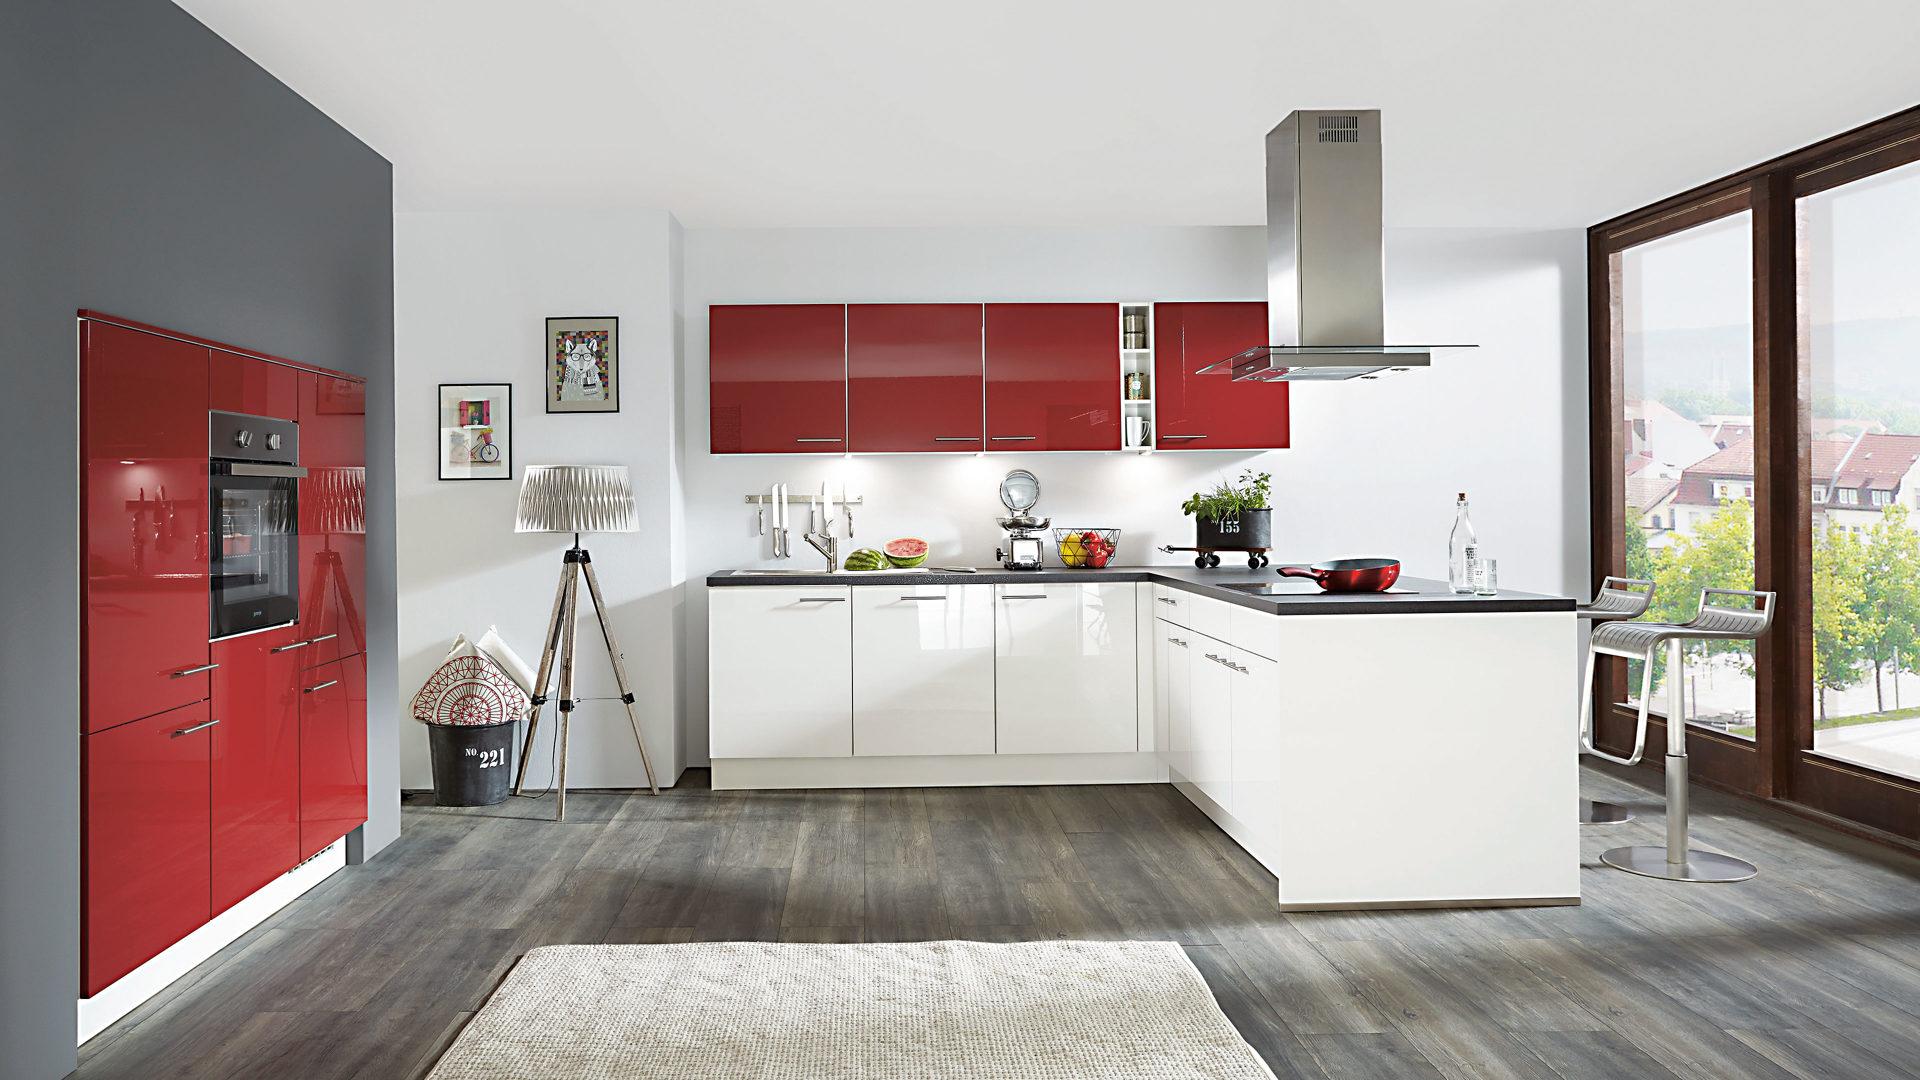 Küchen Bremerhaven möbel steffens lamstedt möbel a z küchen einbauküche mit